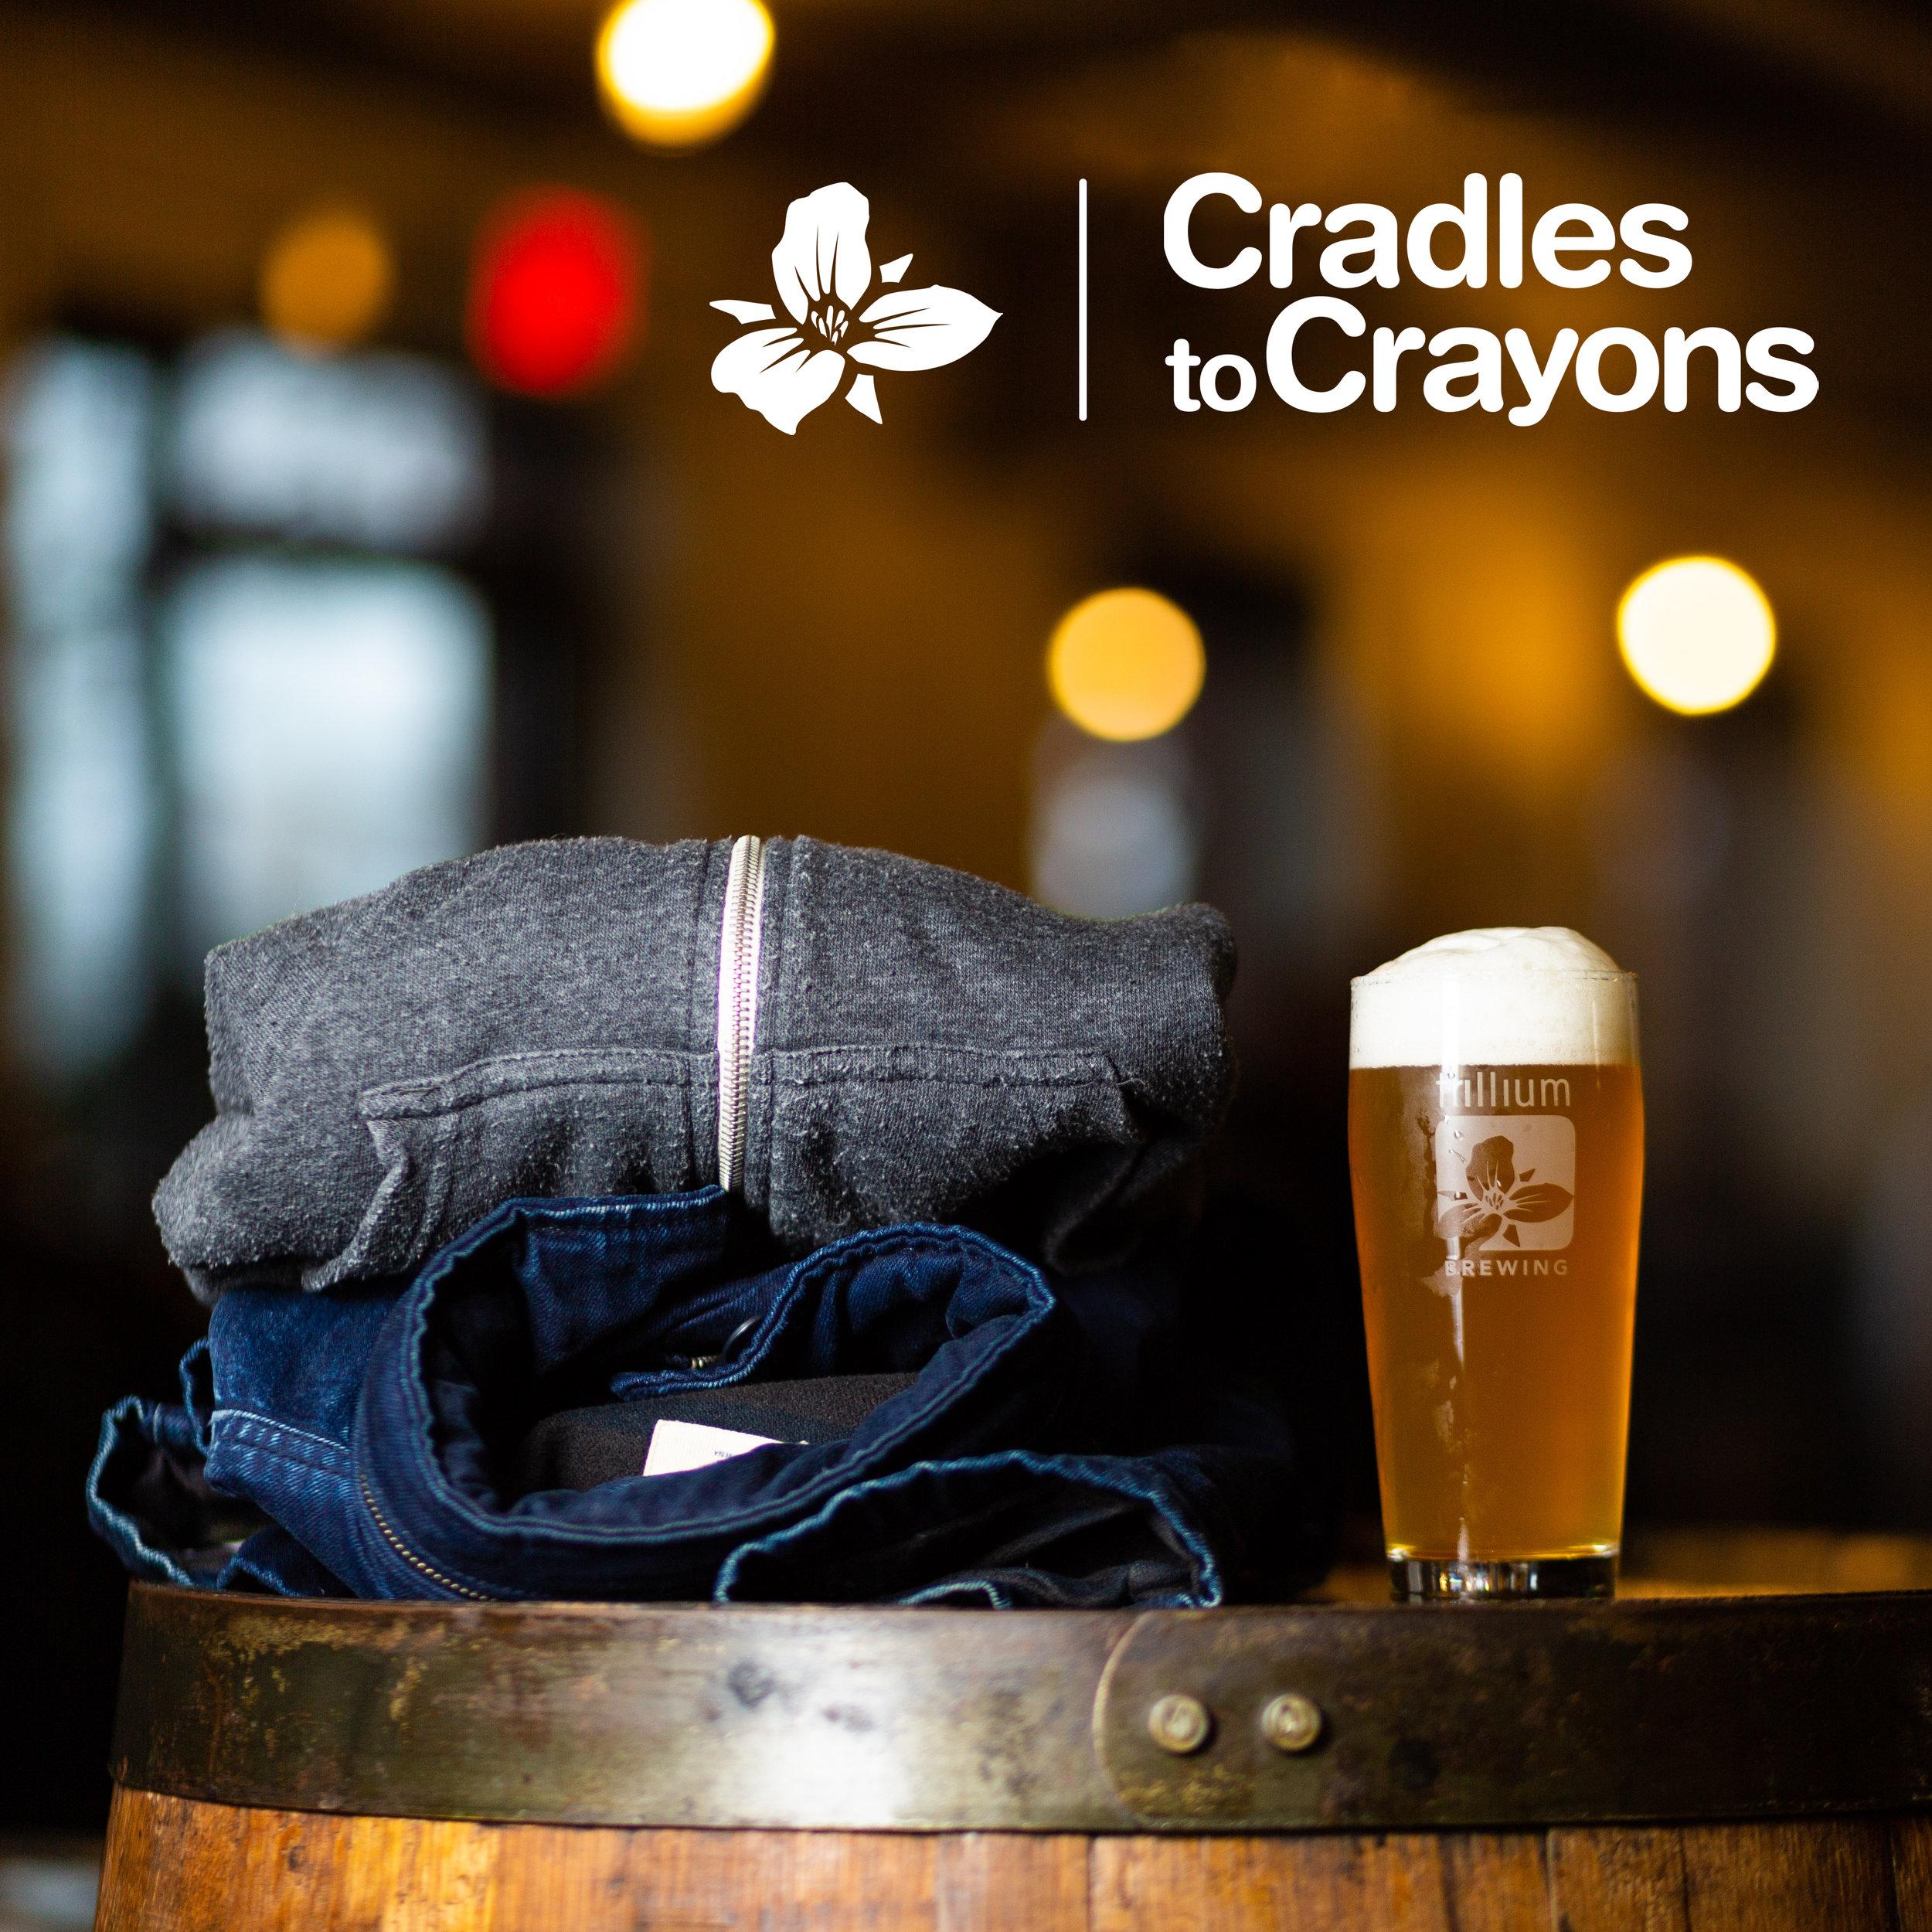 cradles.jpg